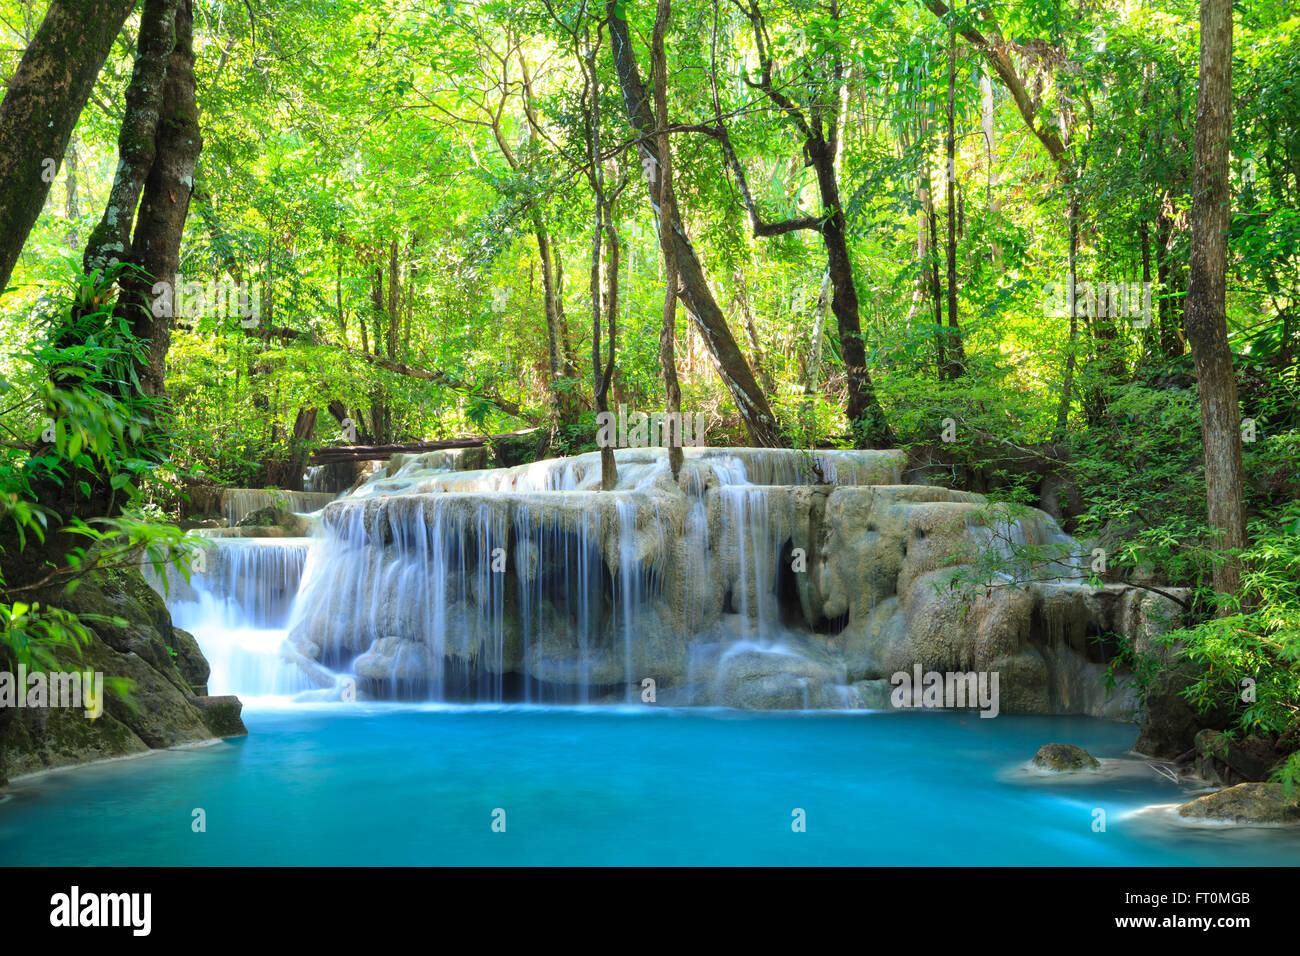 Erawan Waterfall, Kanchanaburi, Thailand - Stock Image